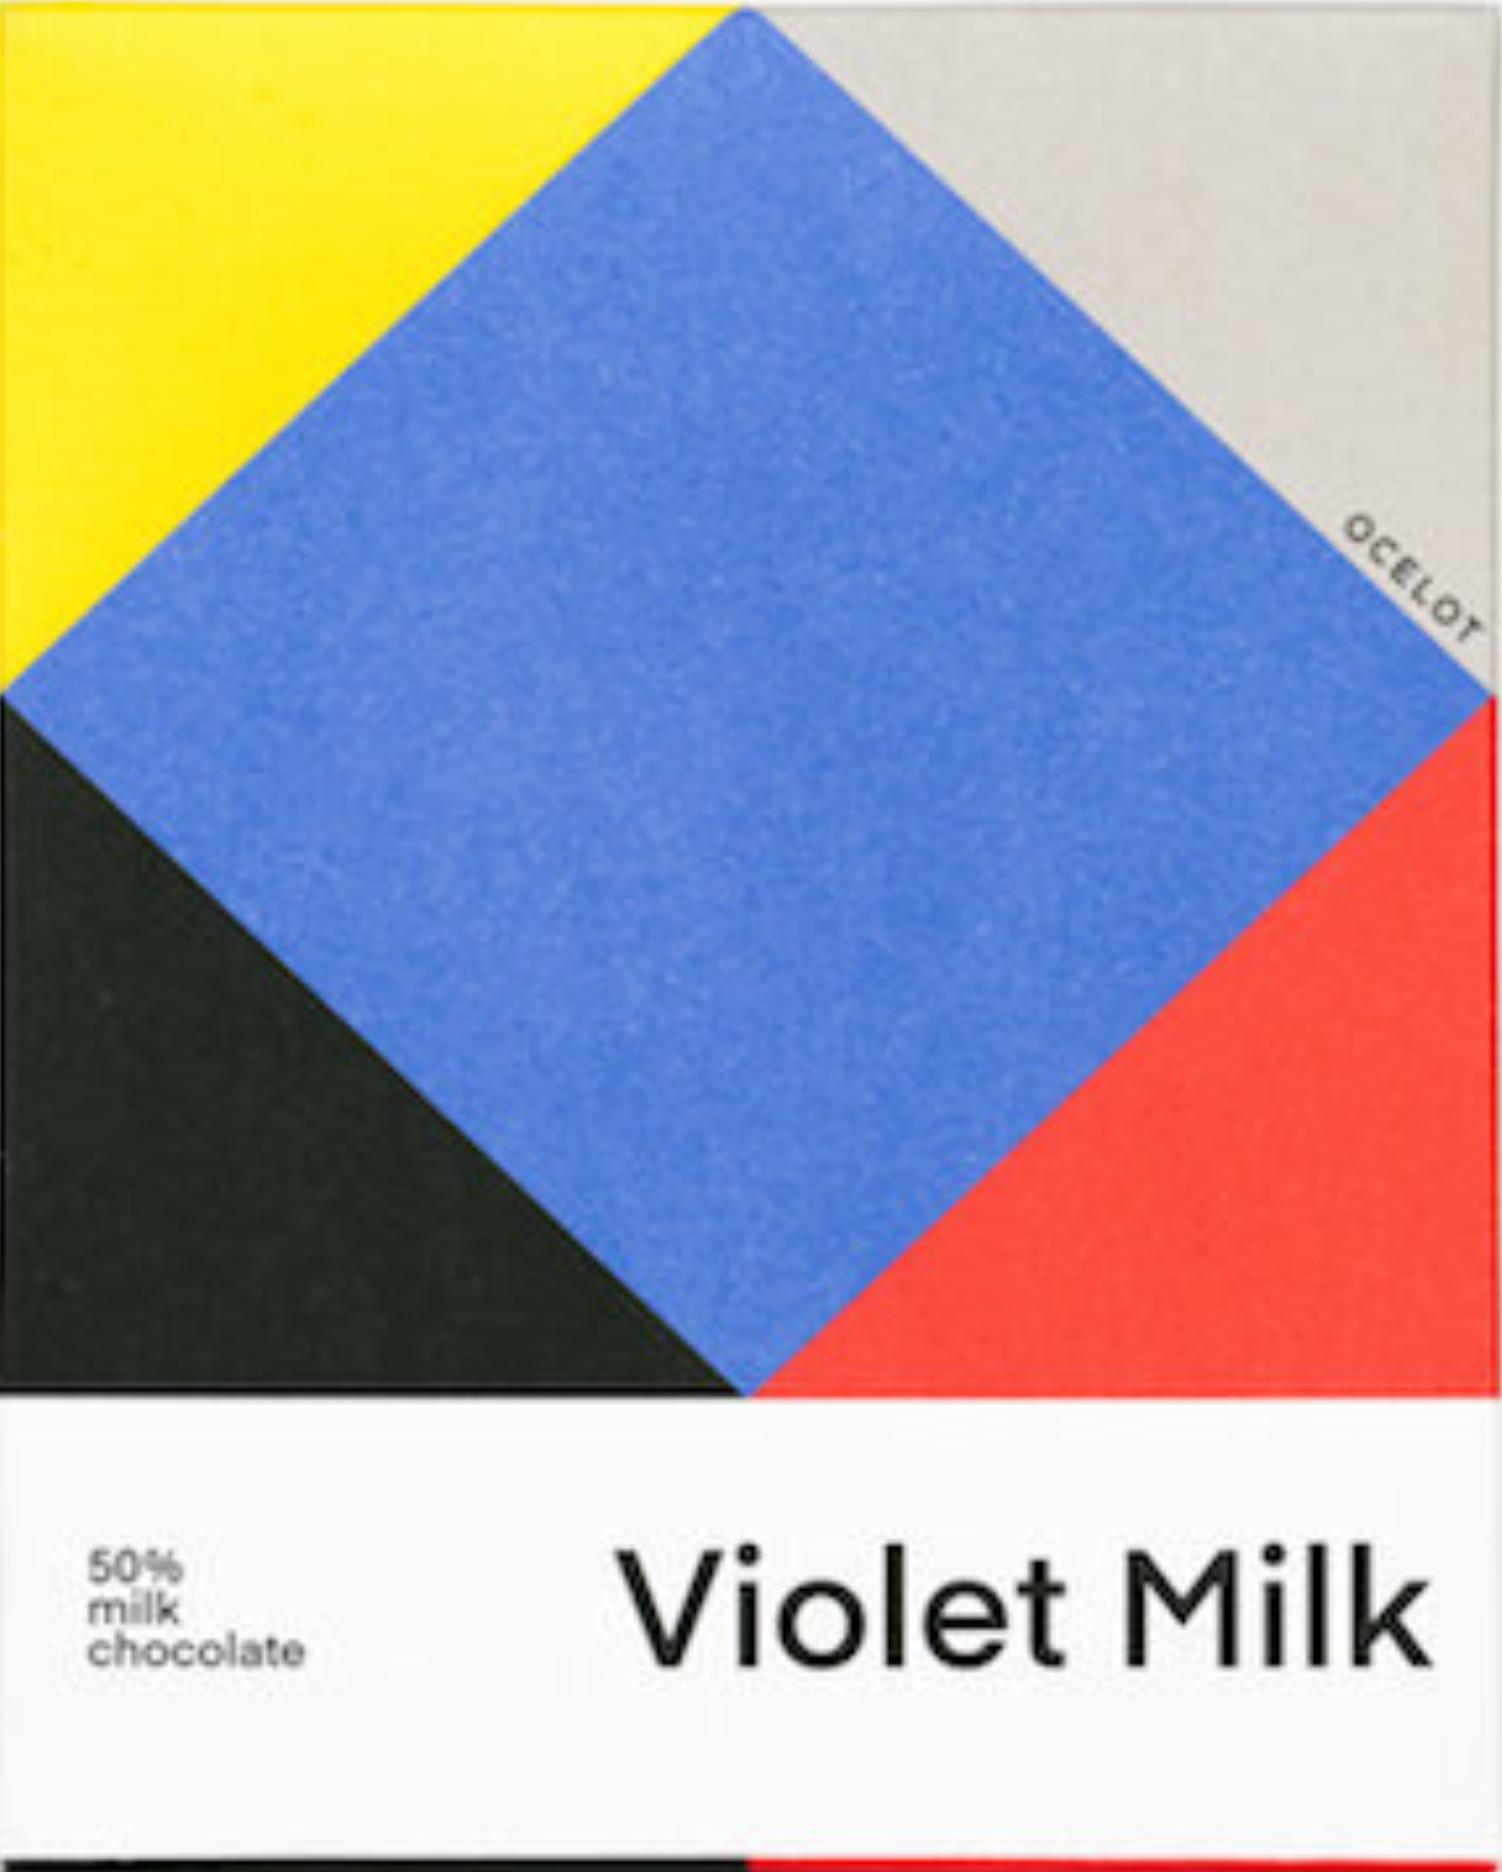 OCELOT | Milchschokolade »Violet Milk« 50% | BIO - MHD 9.12.2021